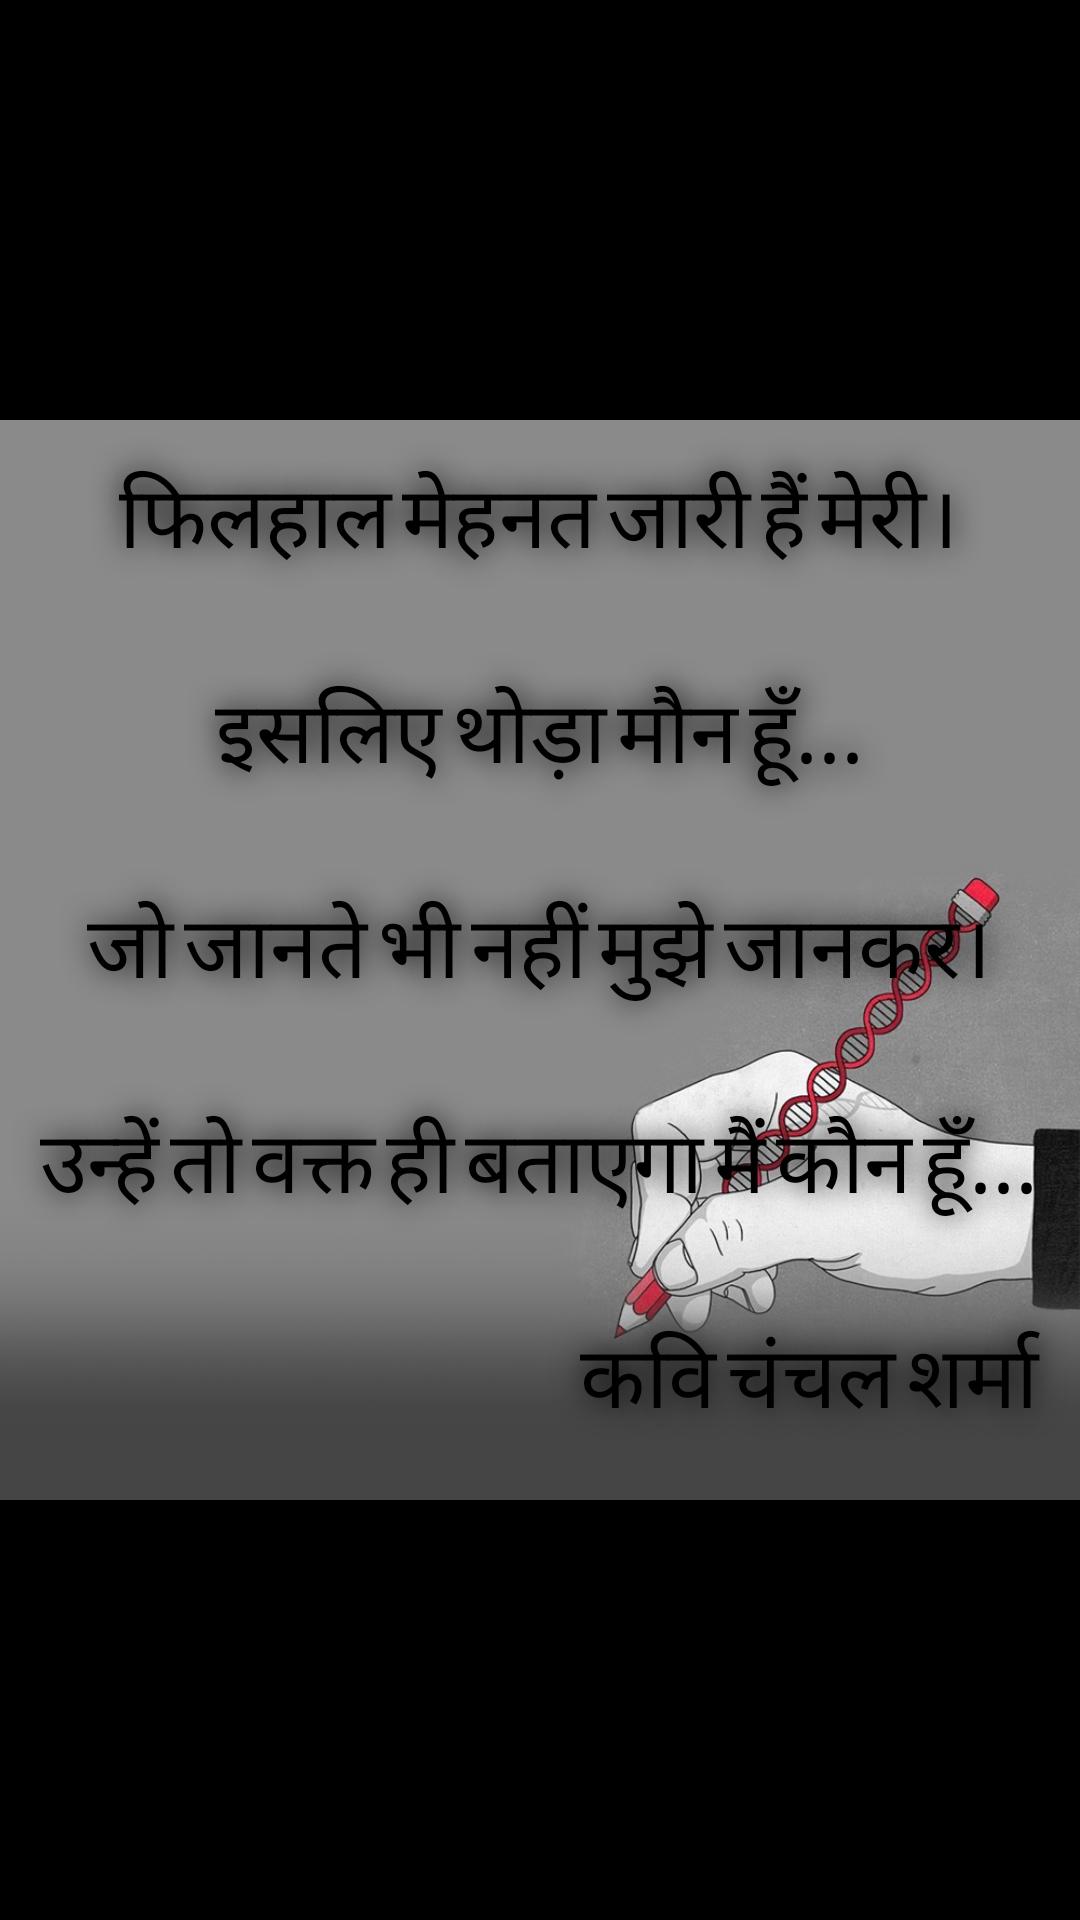 फिलहाल मेहनत जारी हैं मेरी। इसलिए थोड़ा मौन हूँ... जो जानते भी नहीं मुझे जानकर। उन्हें तो वक्त ही बताएगा मैं कौन हूँ...                                                  कवि चंचल शर्मा